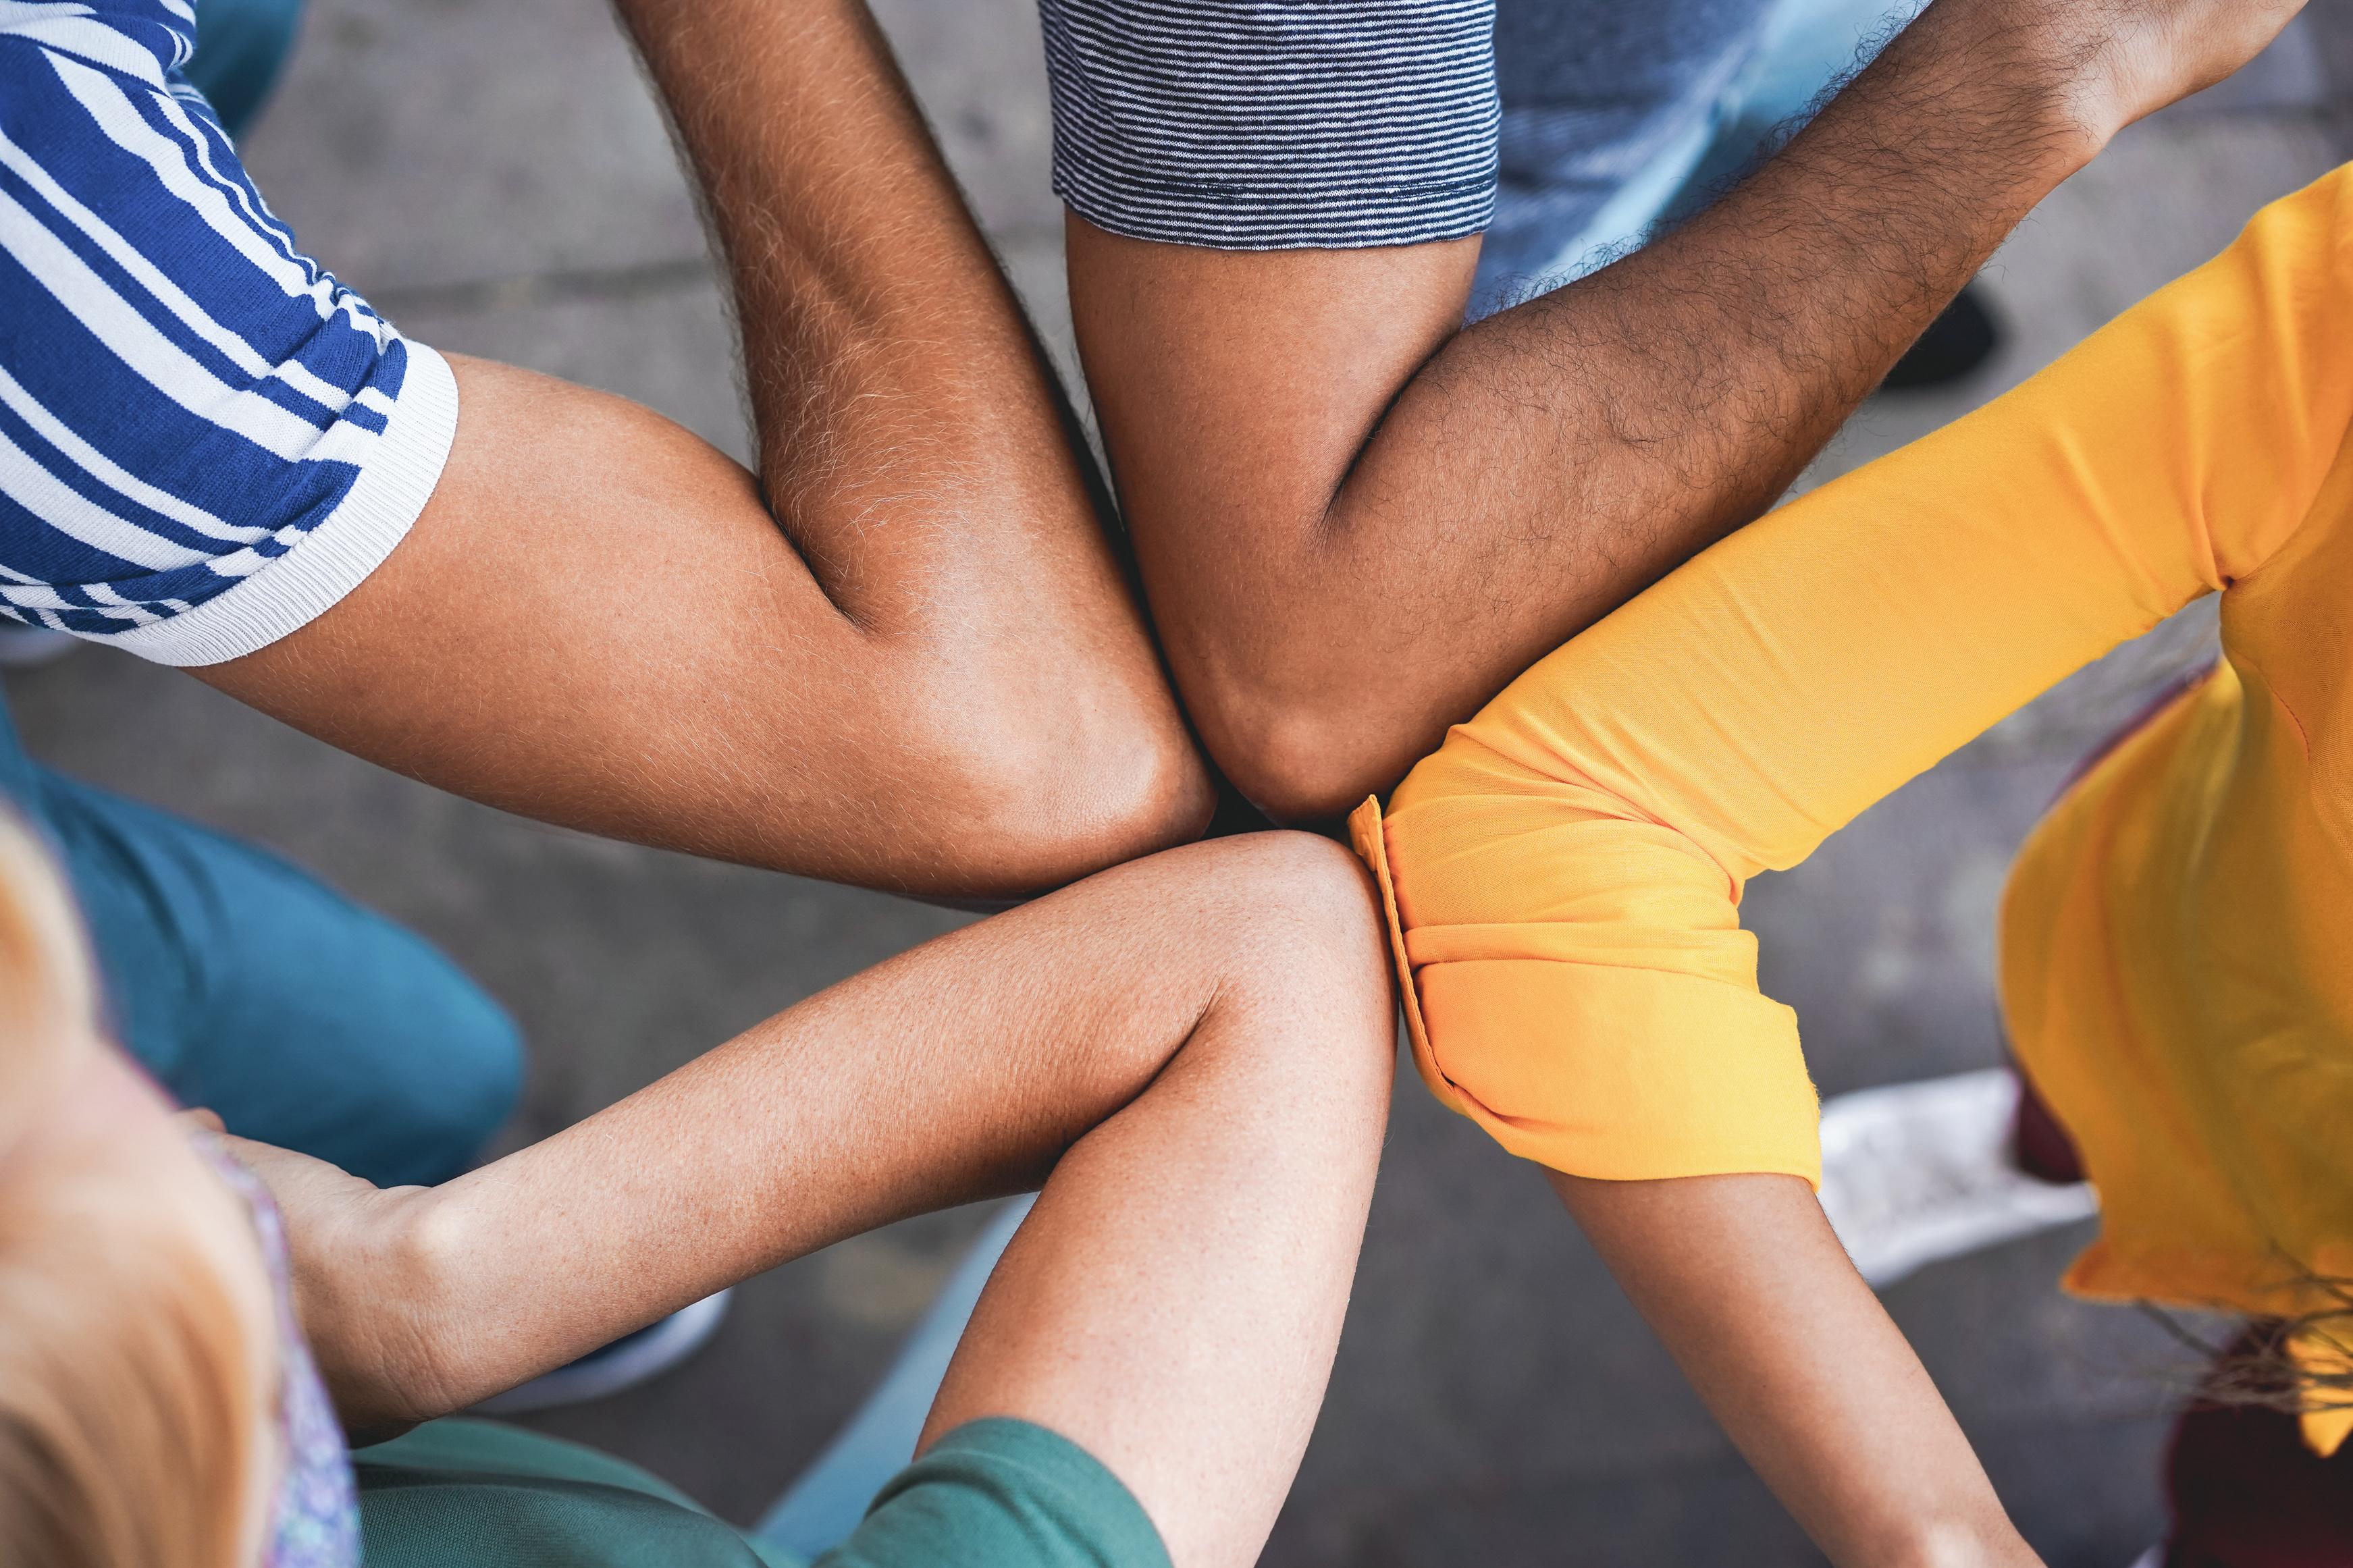 Avec les amis, les activités sont souvent que du bonheur ! (Visuel Adobe Stock 374490928)